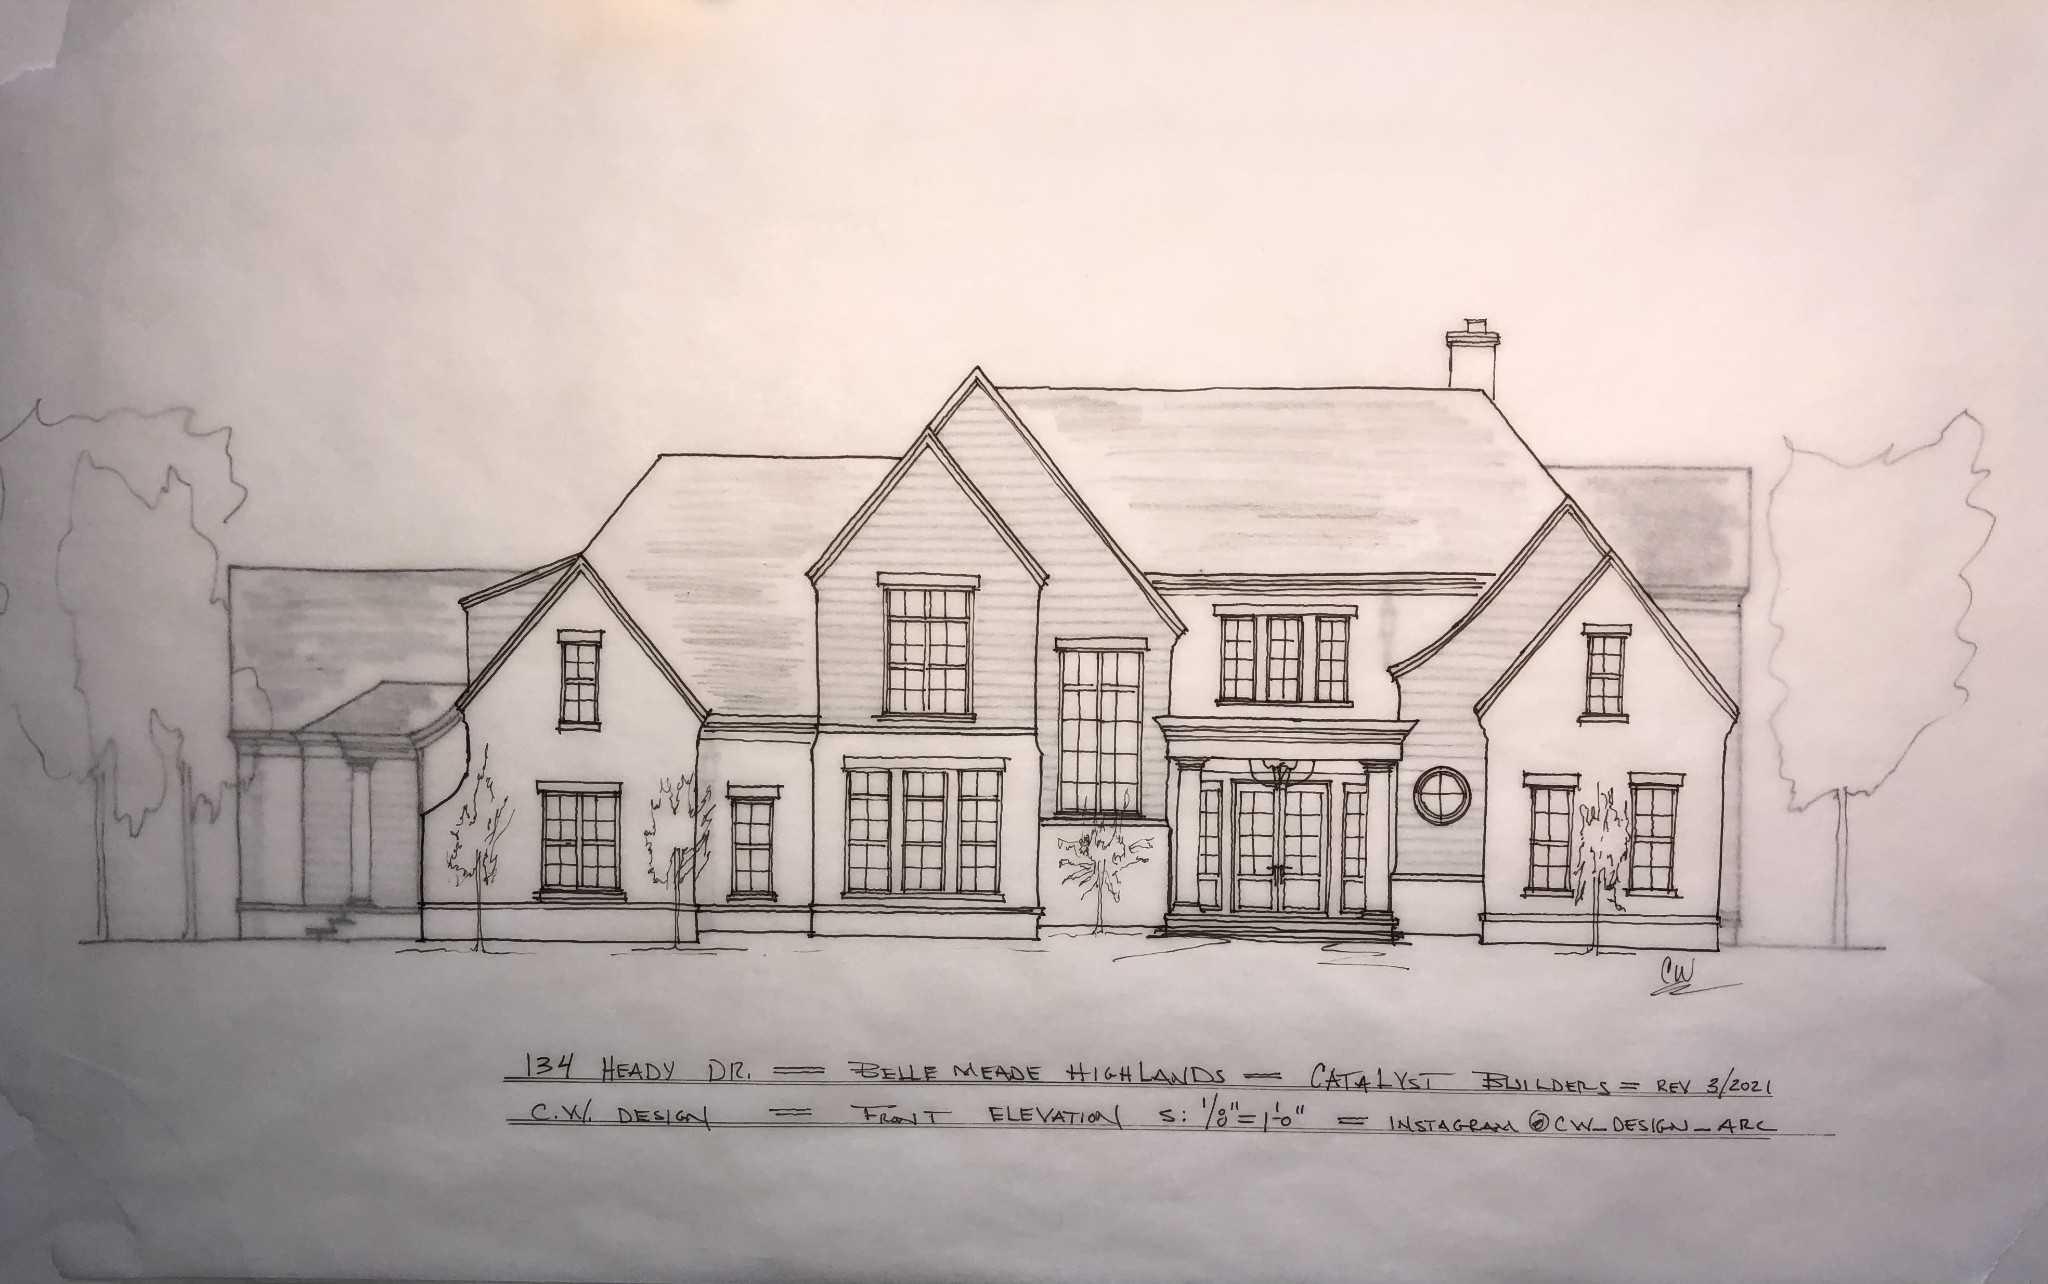 $2,499,000 - 5Br/6Ba -  for Sale in Highlands Of Belle Meade, Nashville